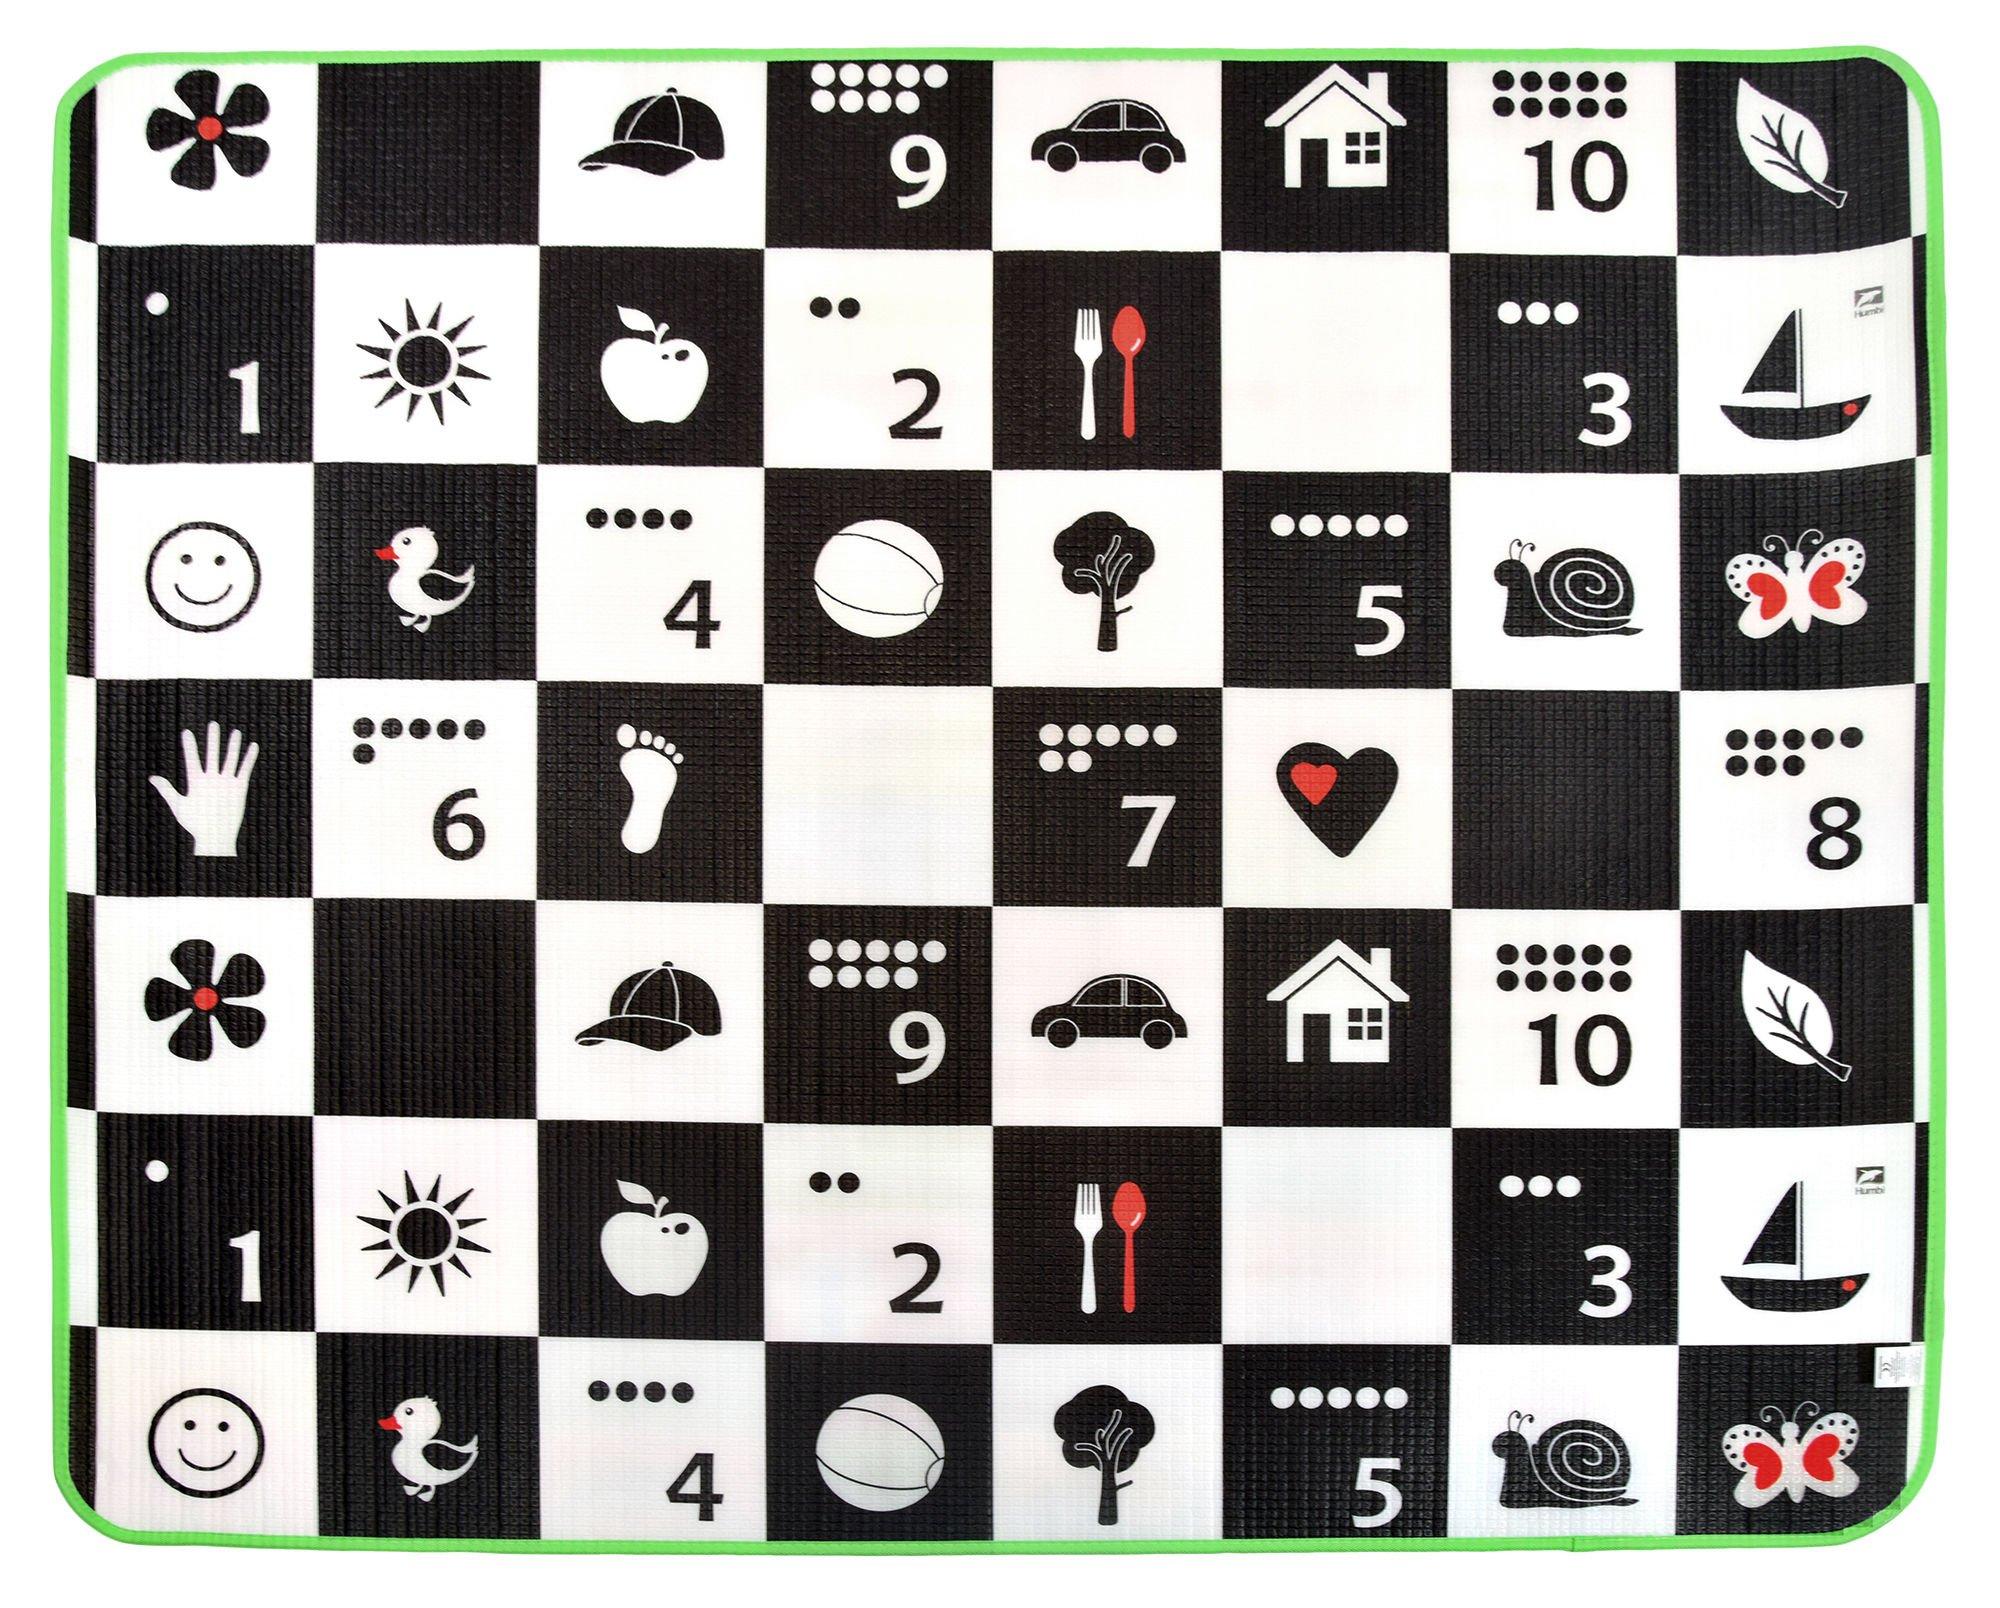 maty edukacyjne szachownica